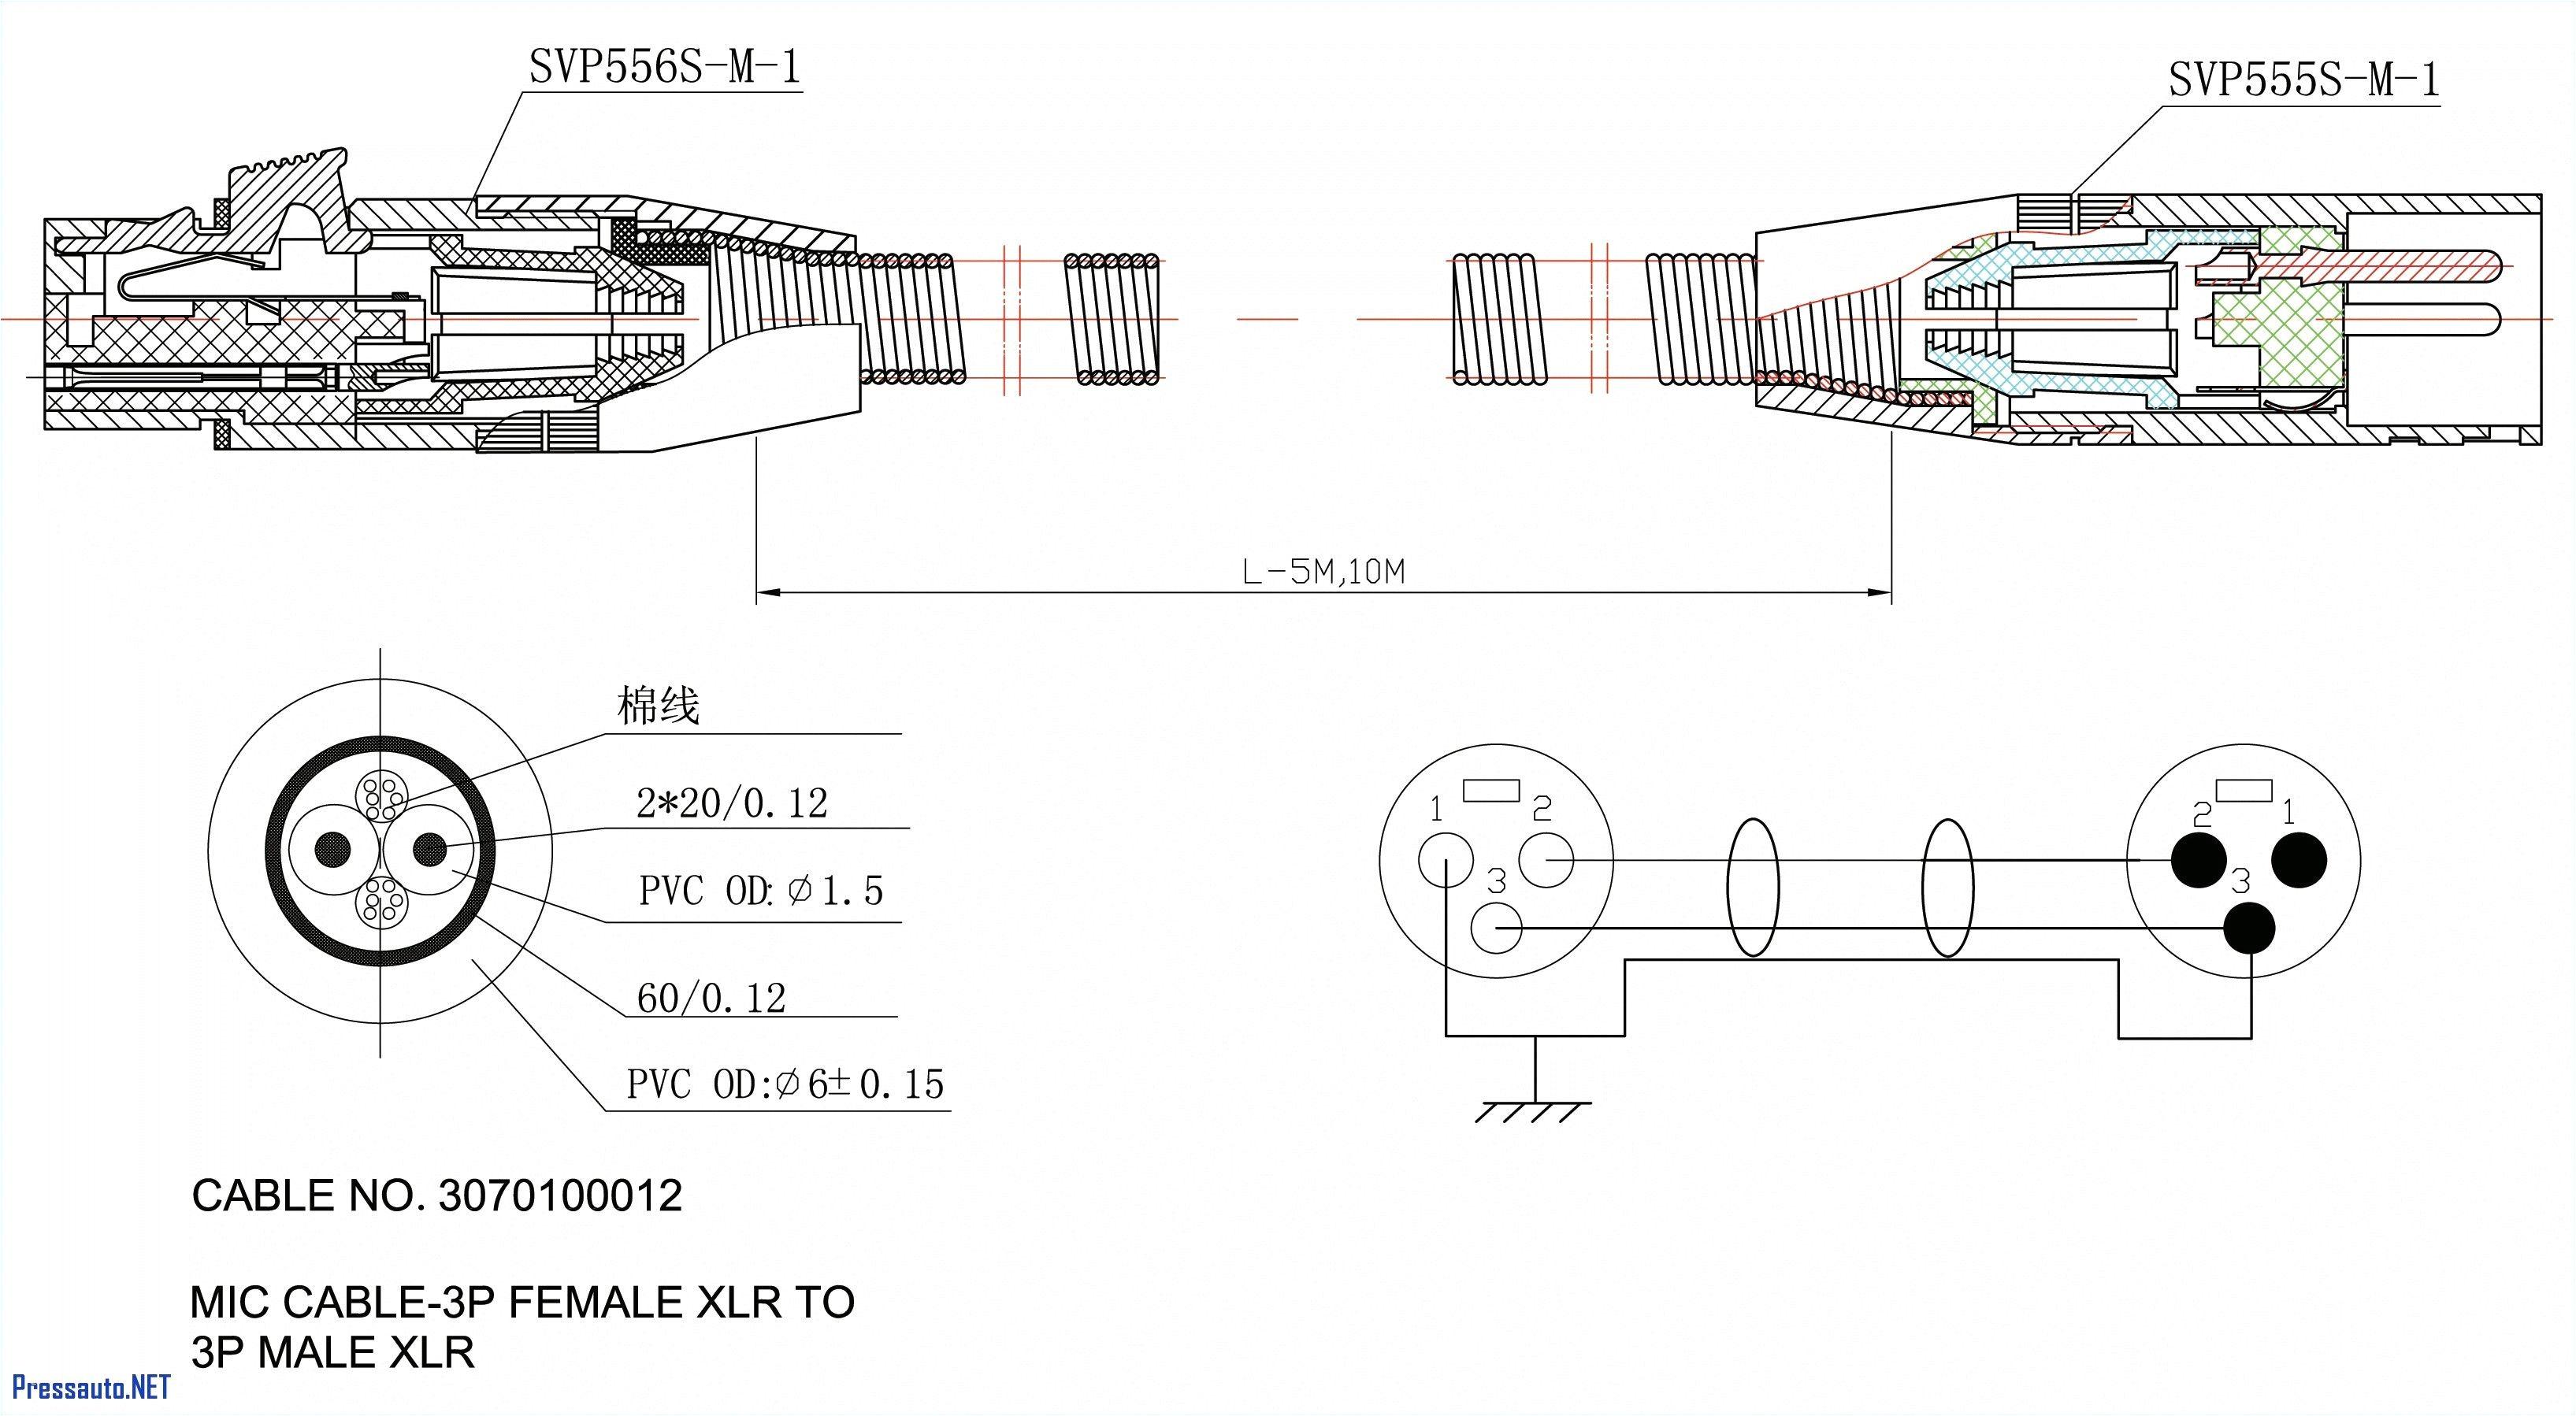 orthman wiring diagram wiring diagram sheet orthman wiring diagram